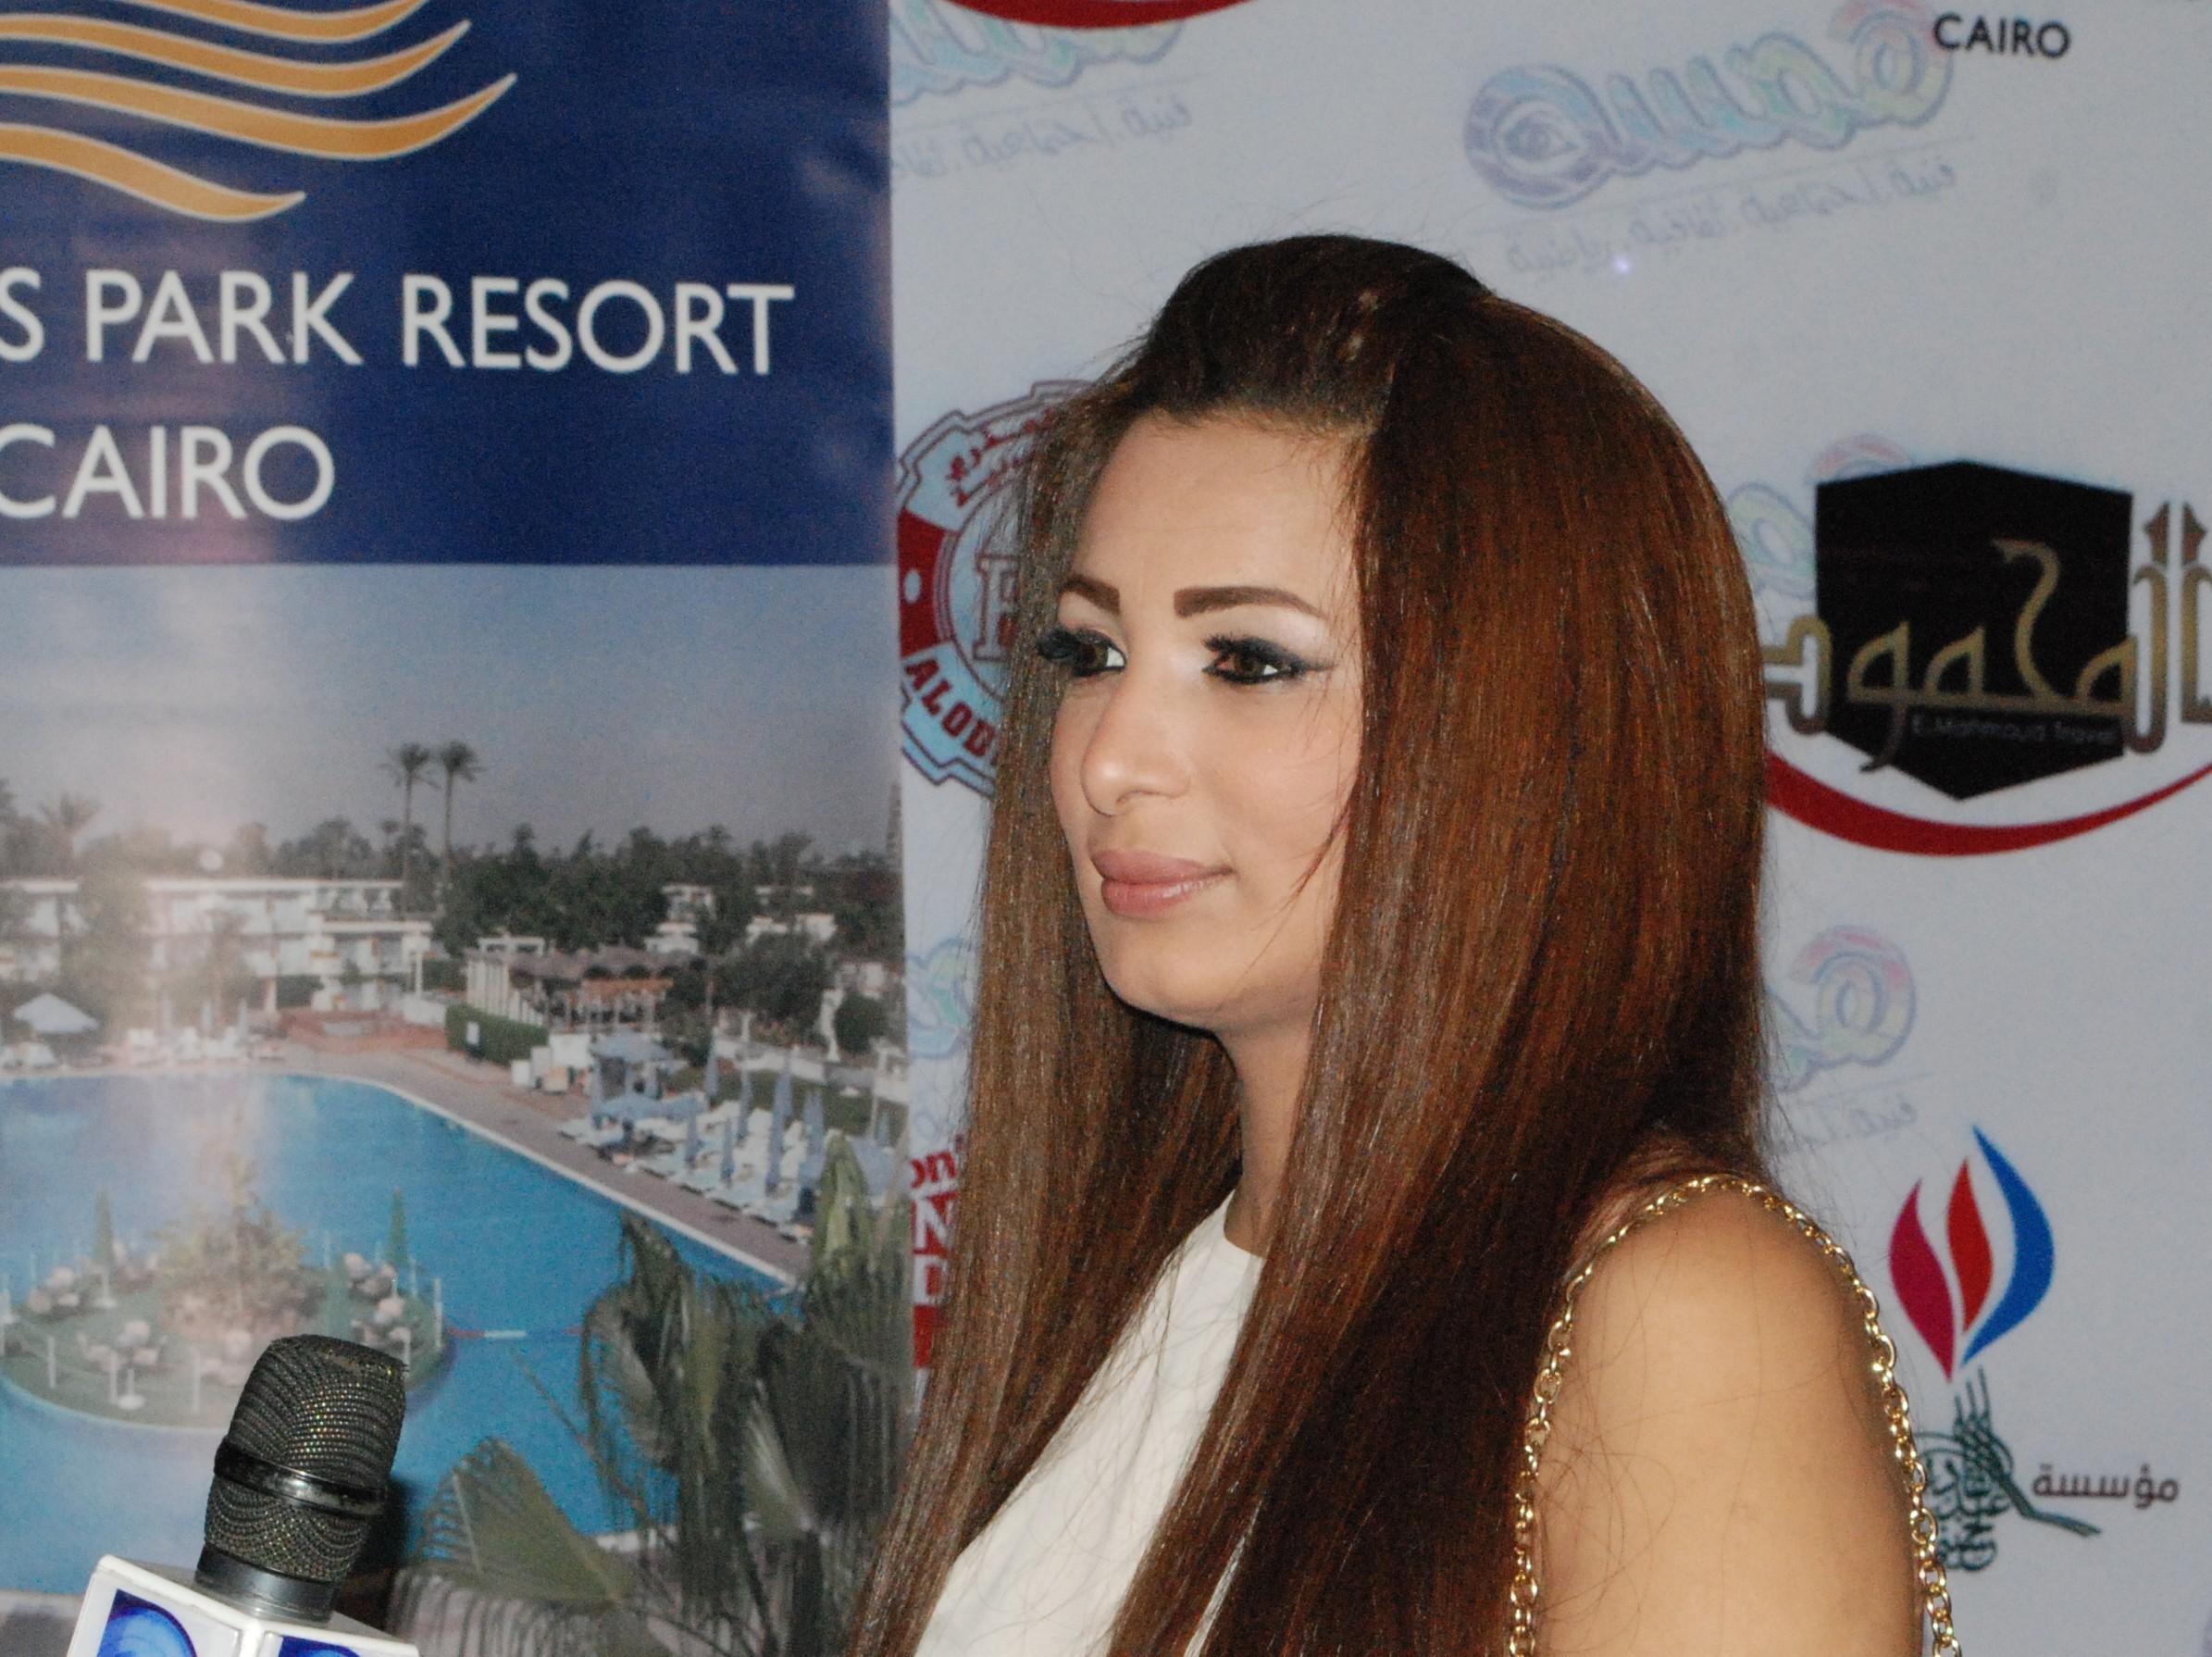 يشارك بمهرجان القاهرة السينمائى فيلم المبارز و أوديسا عراقية و متاهة الأكاذيب